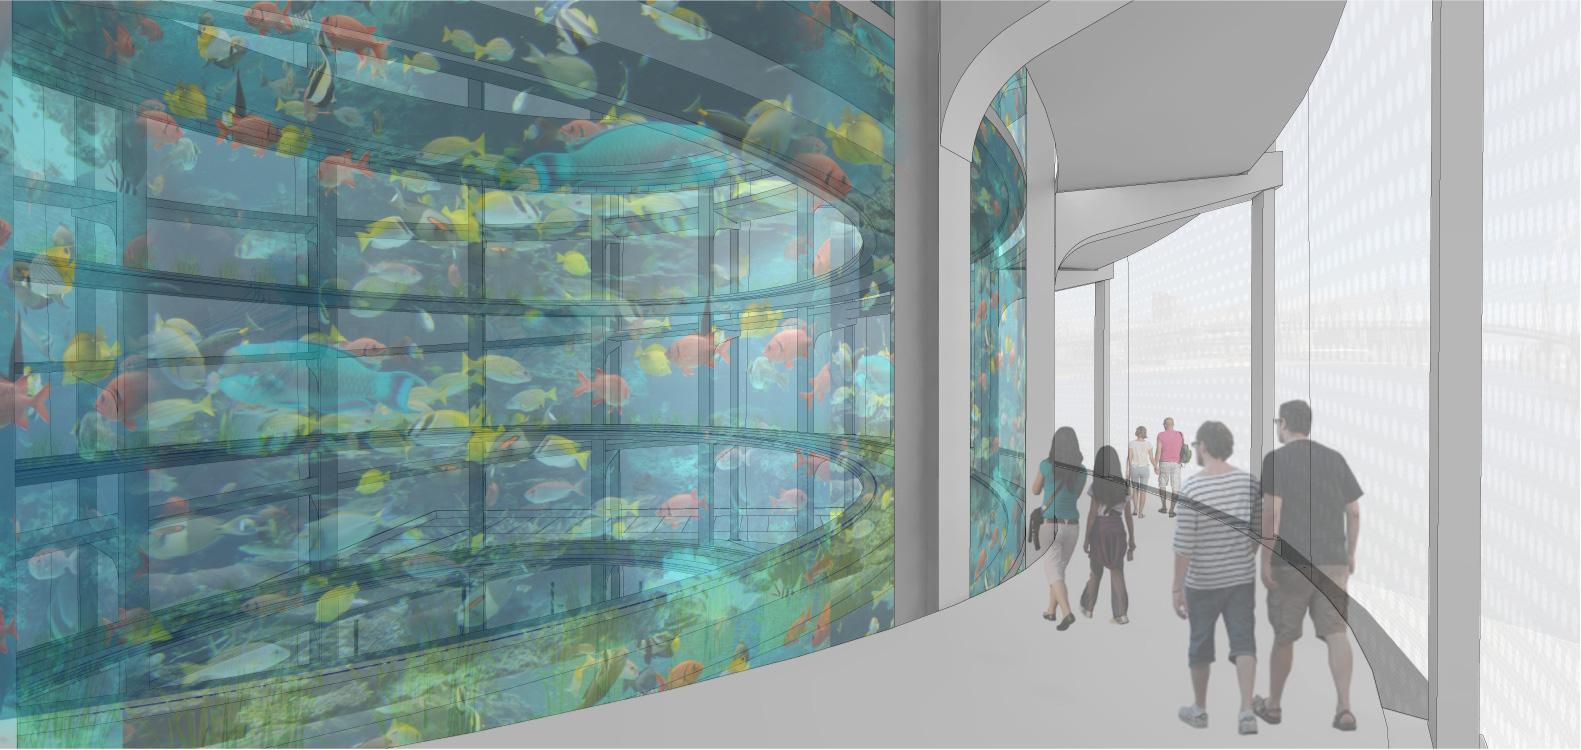 08_wunderground_aquarium_architectural_competition_perspective.jpg